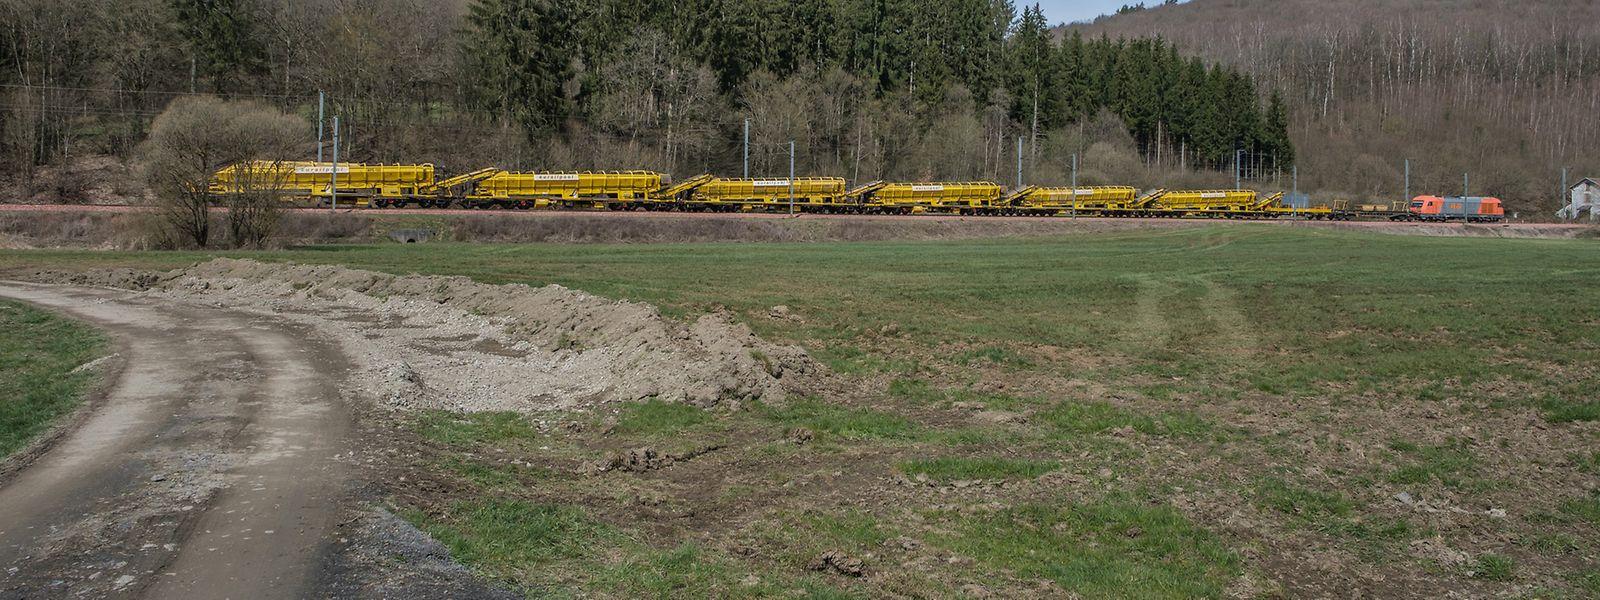 Die Gleisbaumaschine mit einem Gewicht von 650 Tonnen und einer Länge von 177 Metern erledigt alle Arbeitsgänge in einem Zug.